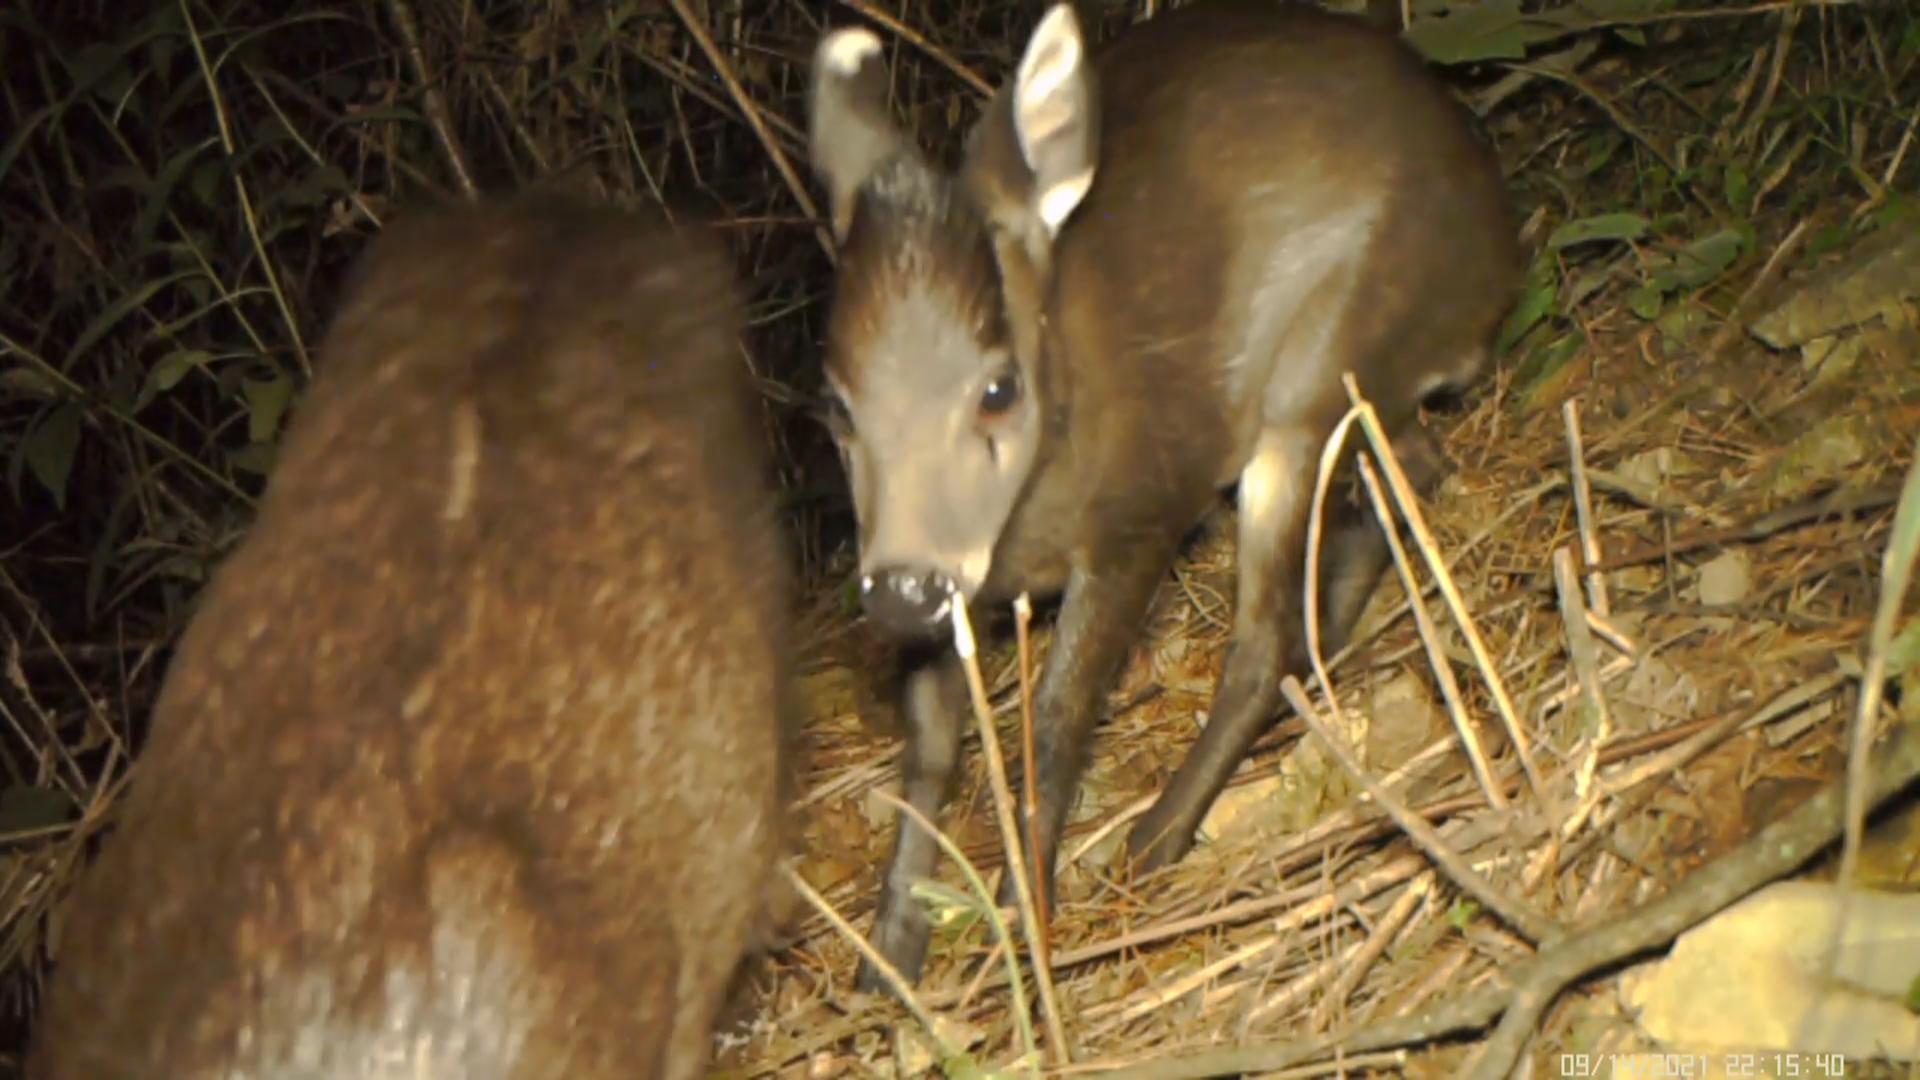 武陵山自然保护区记录到多种野生动物活动影像